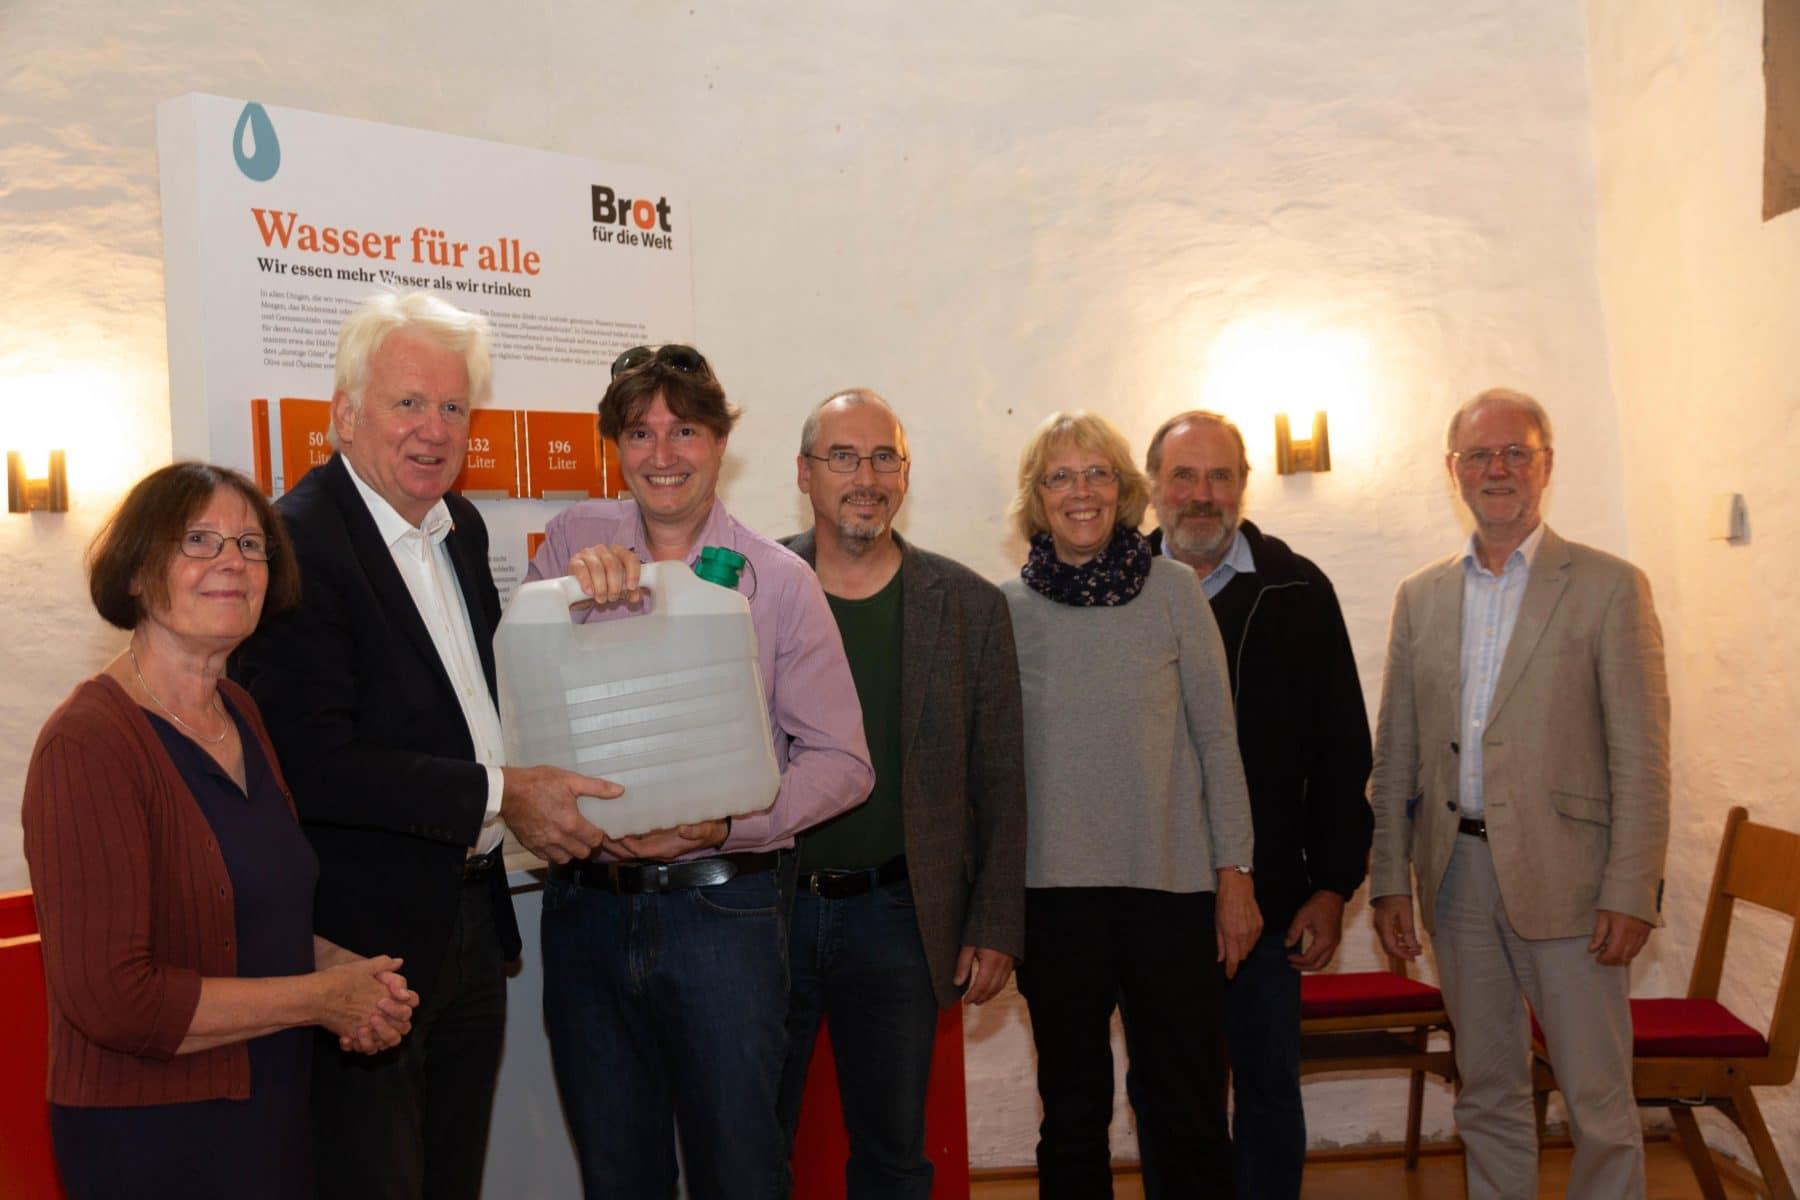 OB Ullrich Sierau mit Mitarbeitern der Weltgruppe Aplerbeck bei der Ausstellungseröffnung. (Foto: Weltgruppe Aplerbeck)